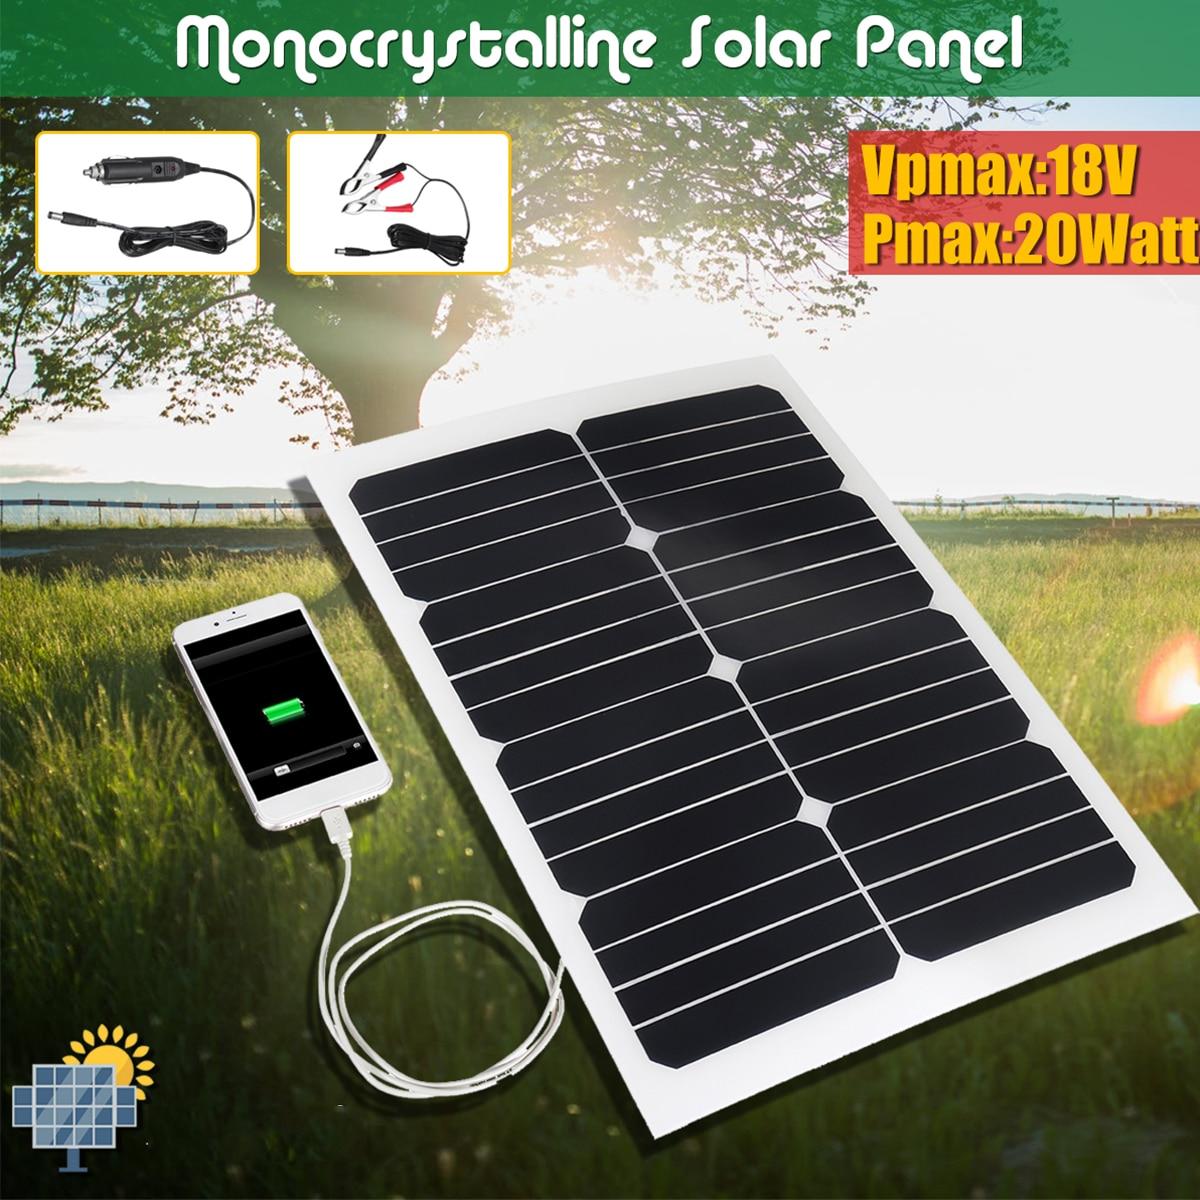 CLAITE 20W 18V Solar Panel Plate Flexible Solar Charger For Car Battery 12V Sunpower Monocrystalline Silicon Cells Module Kit flexible solar panel plate 12v 5v 10w 20w 30w solar charger for car battery 12v 5v phone battery sunpower monocrystalline cells